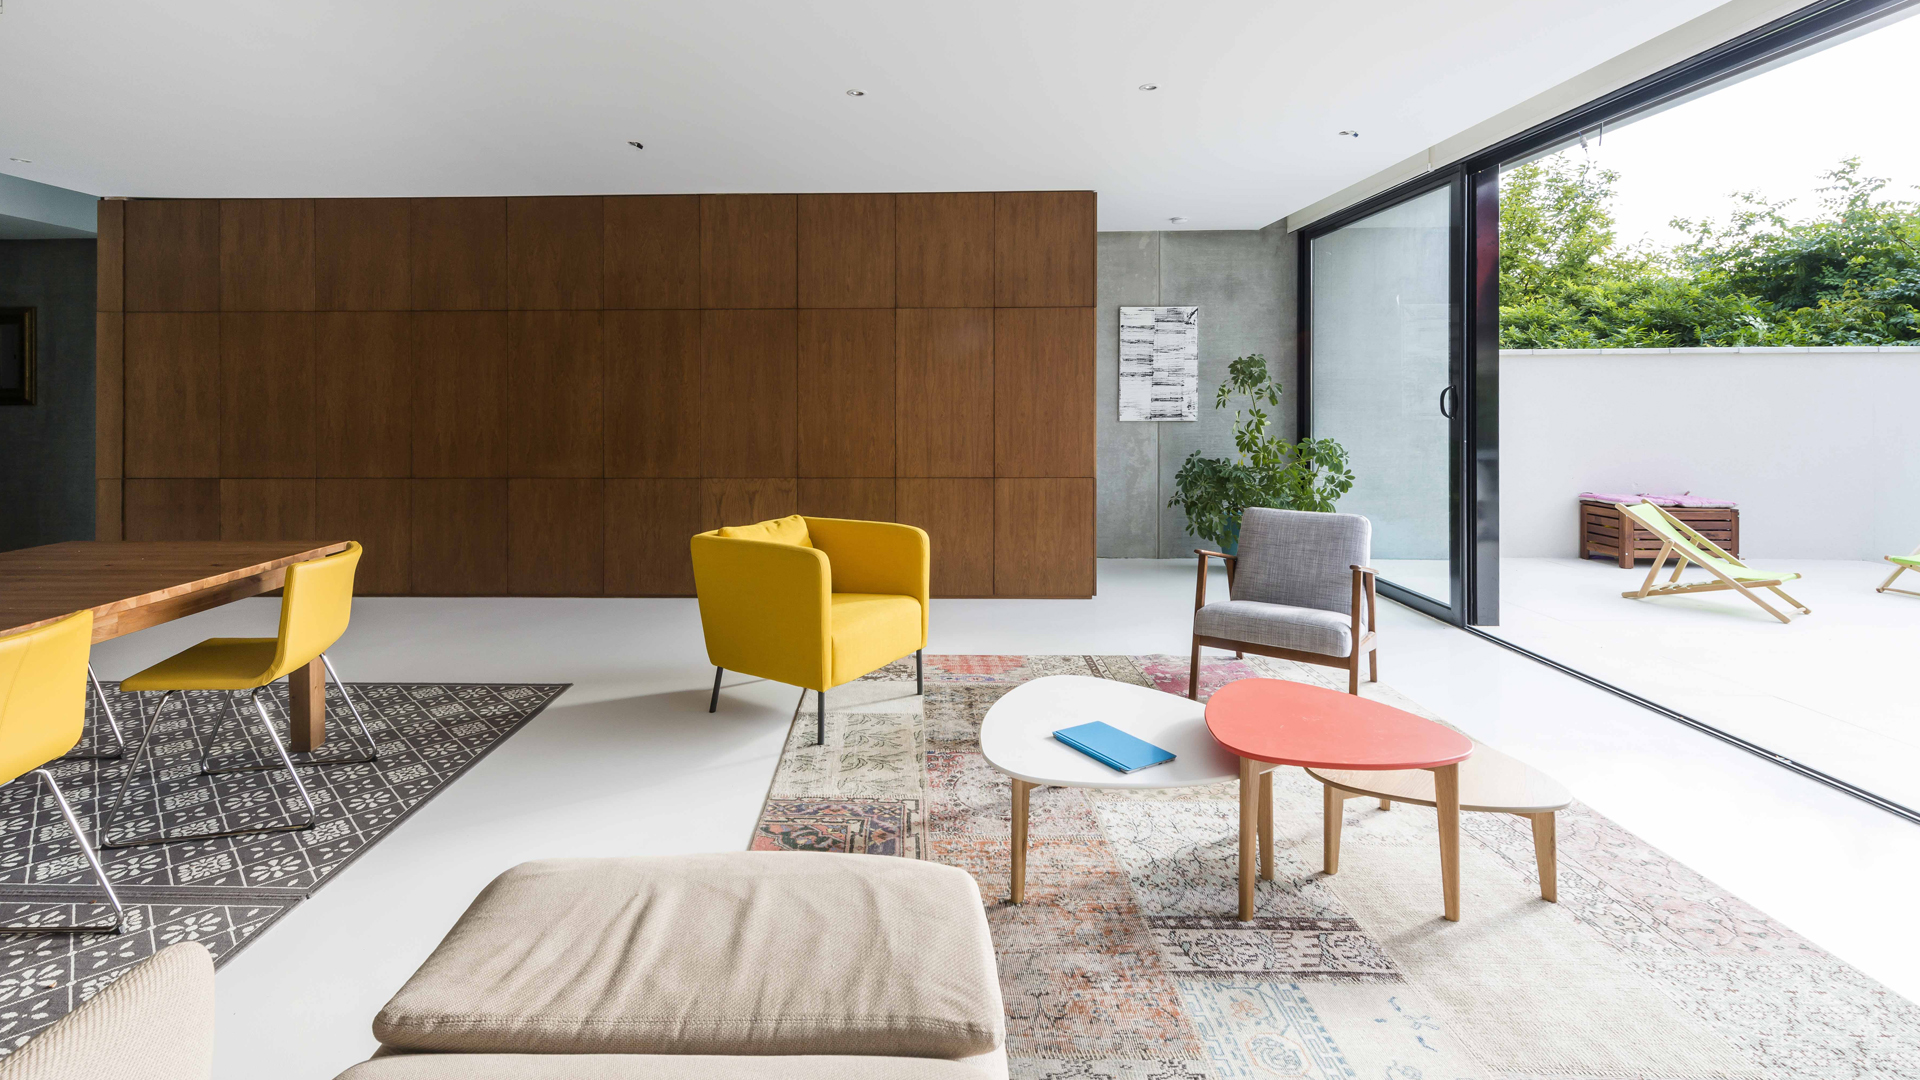 12-Seuil-Architecture-Villa-Métissé-crédit-Ph.-Stéphane-Brugidou